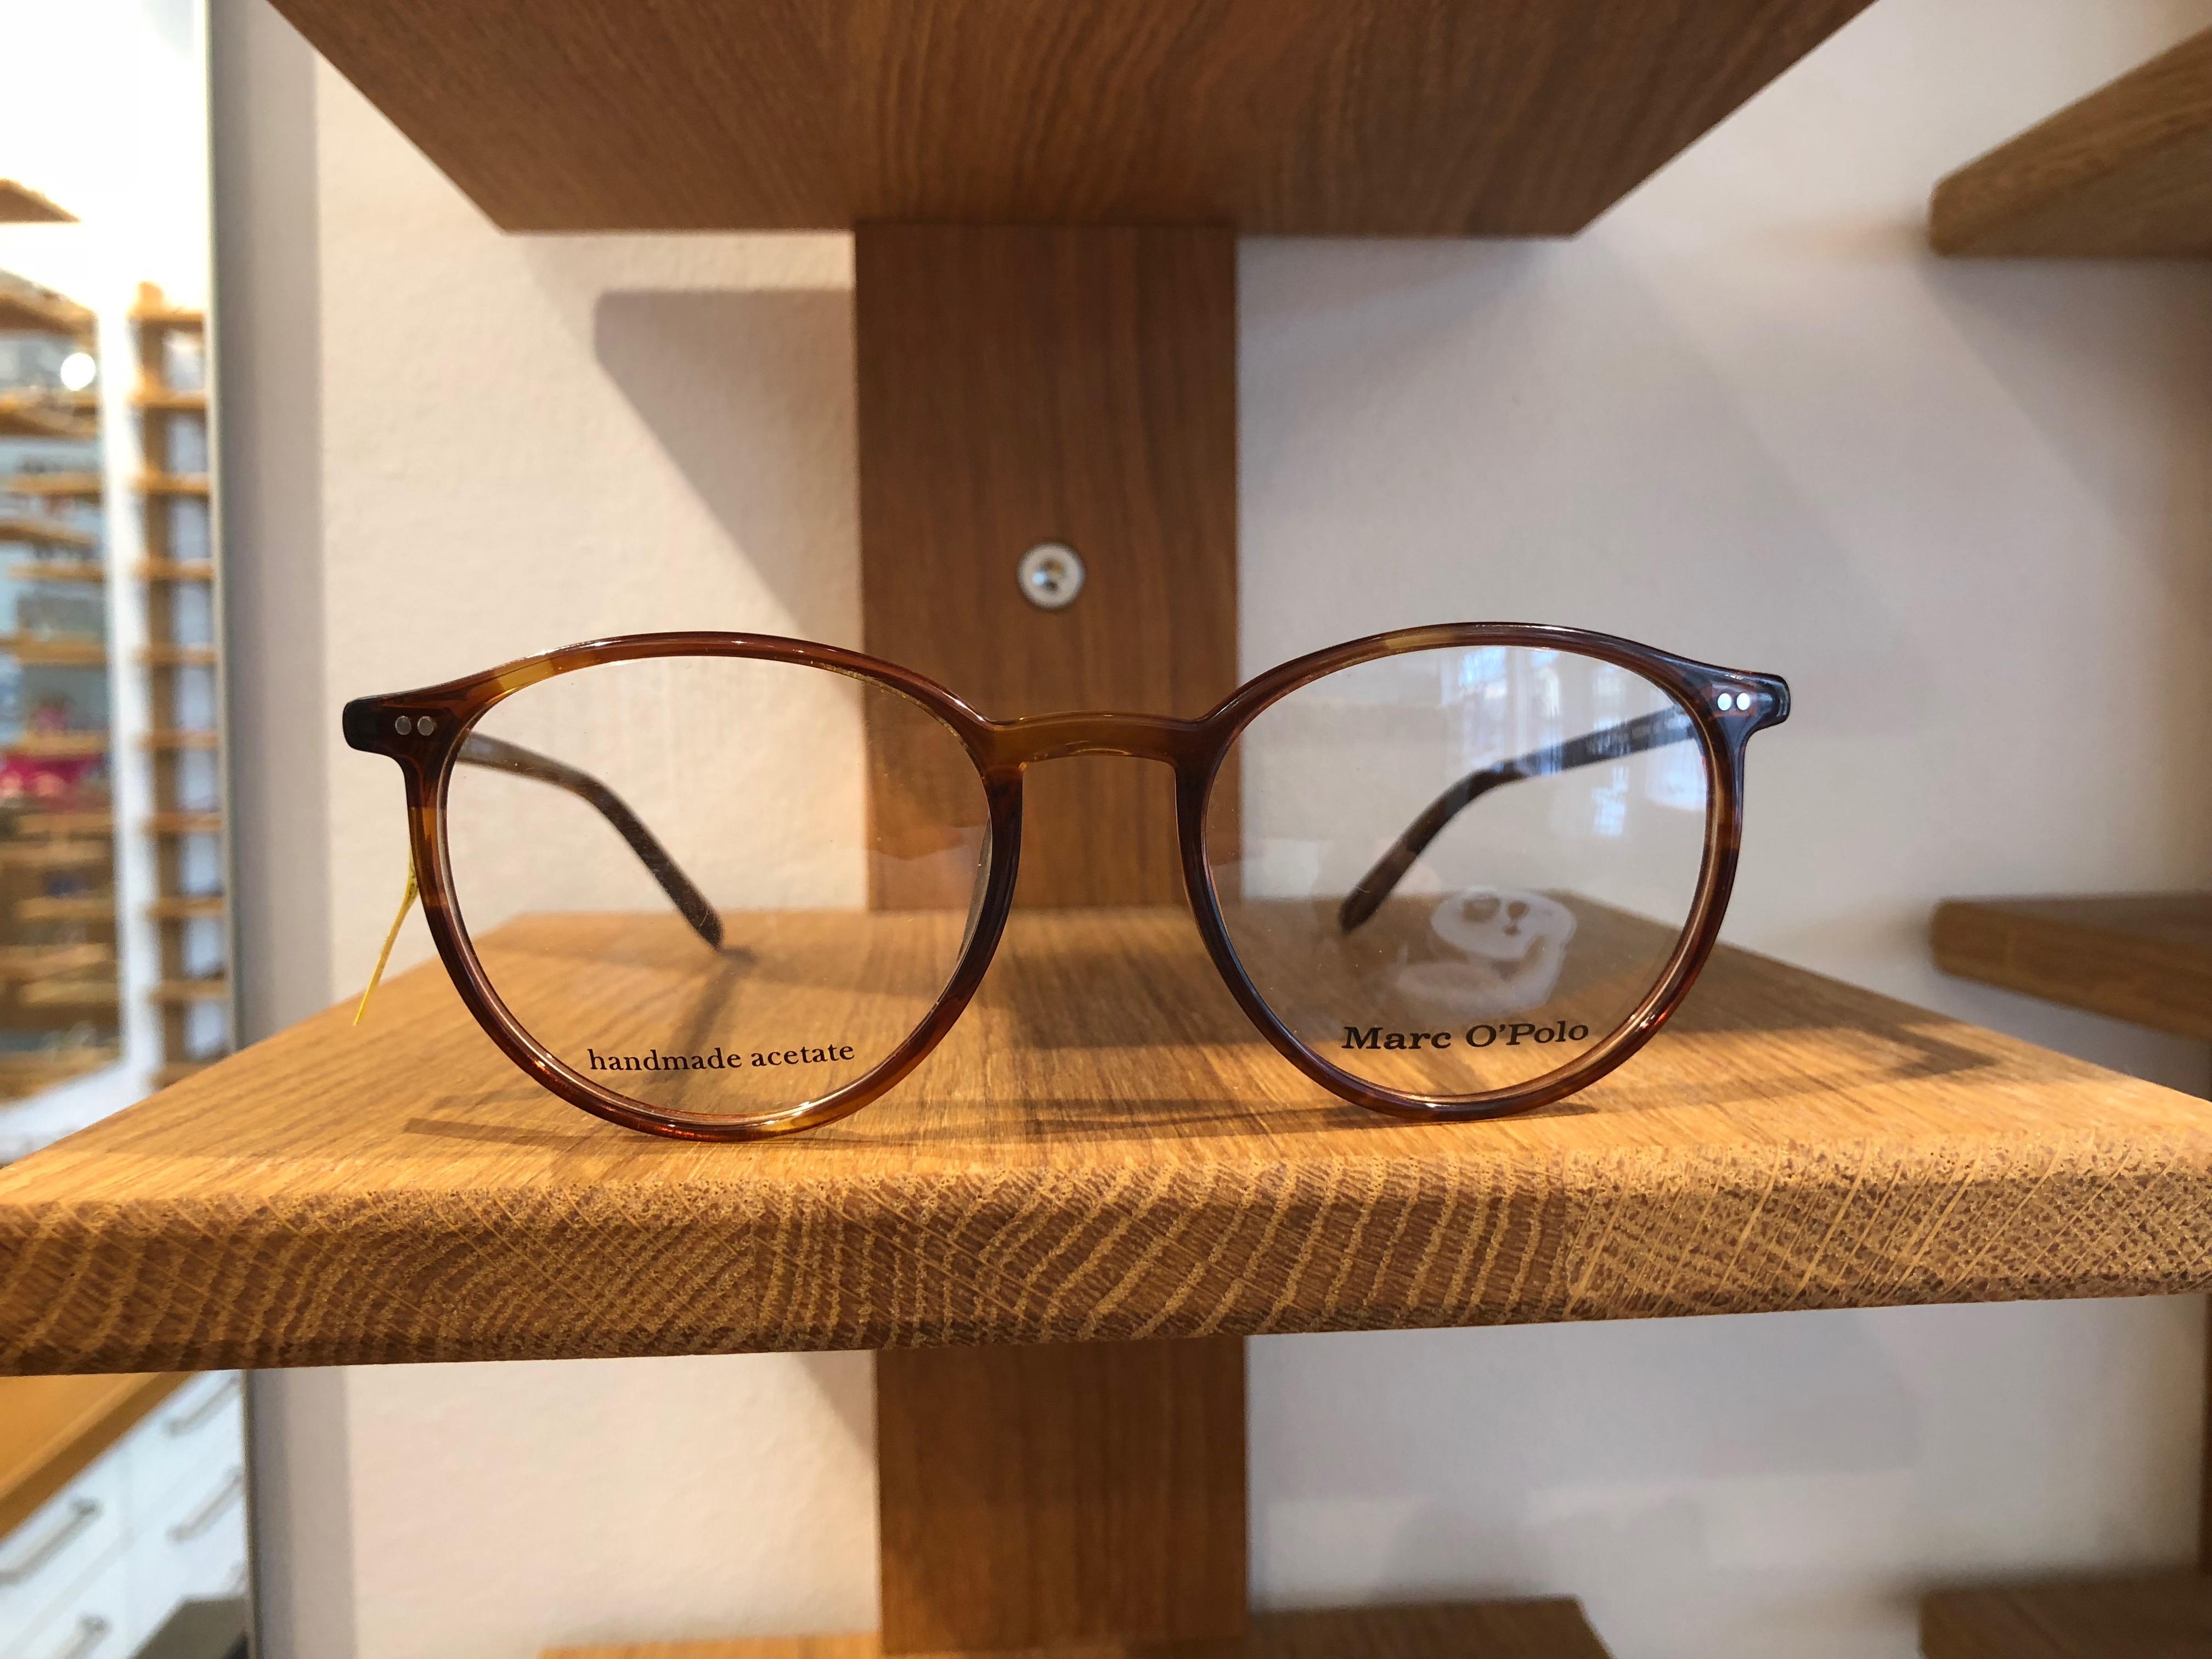 marco polo glasögon